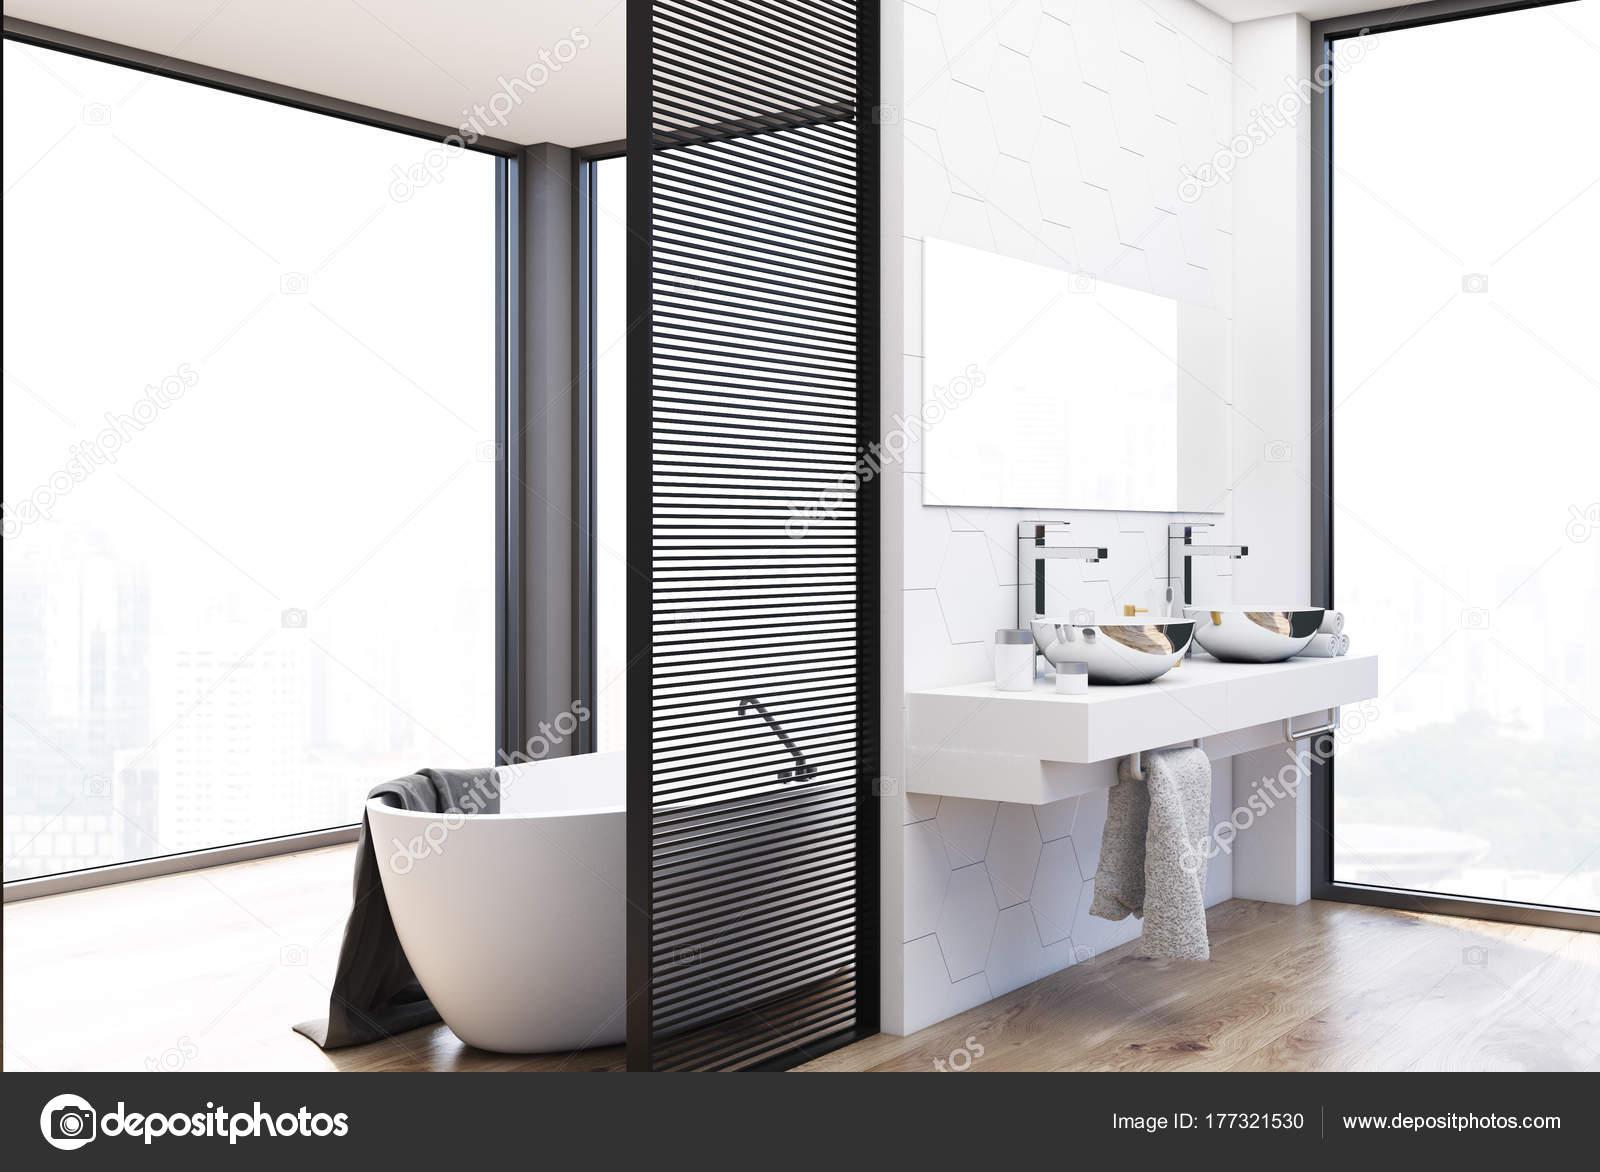 Dubbele wastafel badkamer grijs en wit dubbele wastafel badkamer